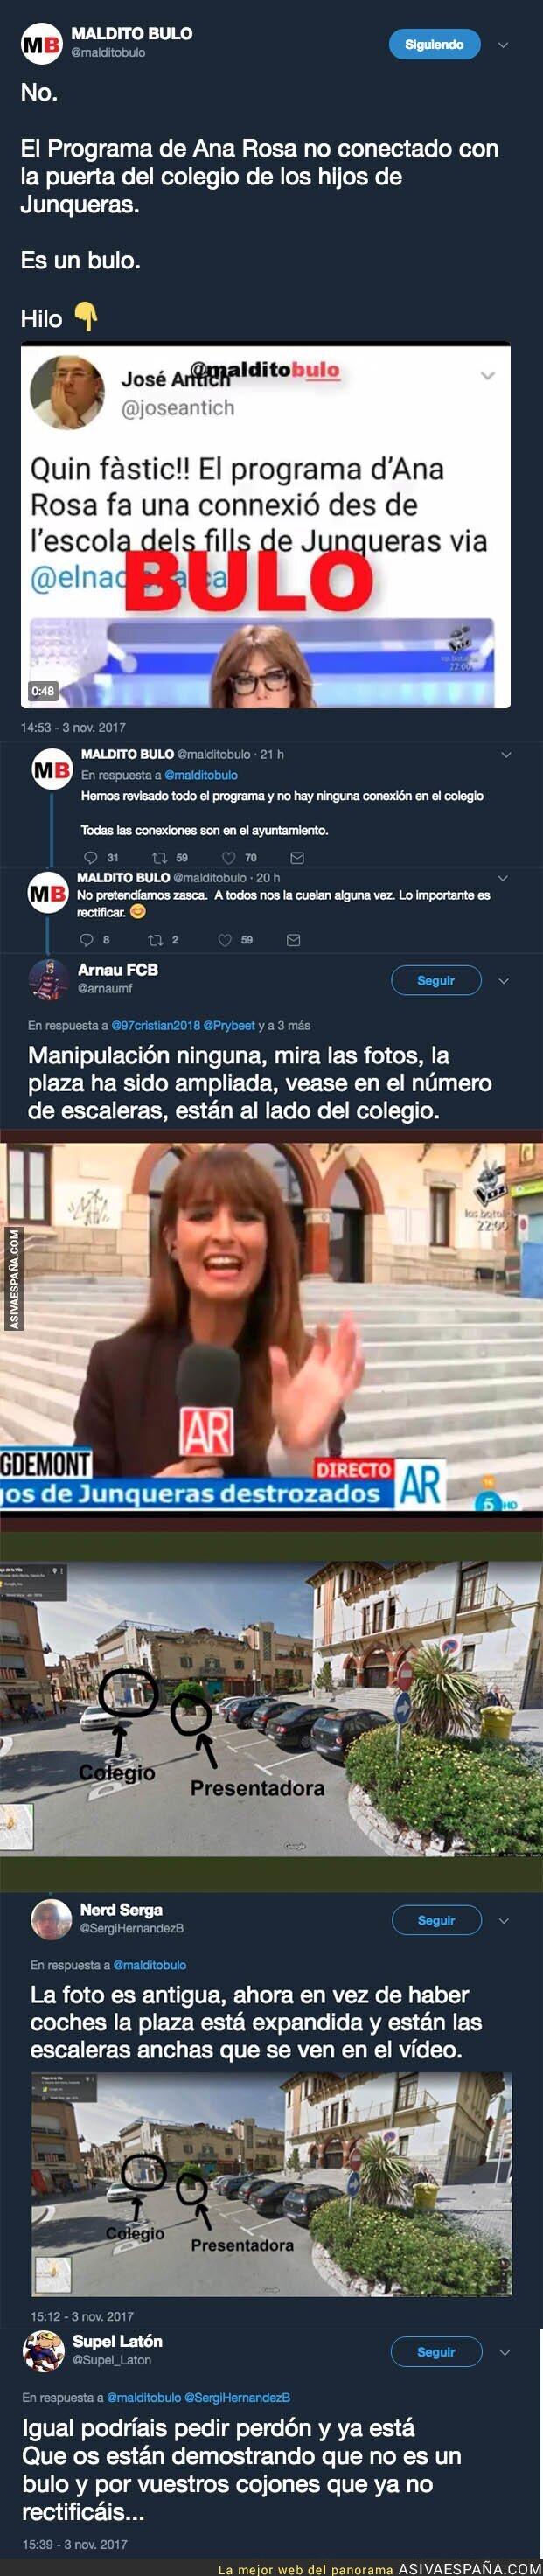 78227 - 'El programa de Ana Rosa' SI grabó al lado del colegio del hijo de Oriol Junqueras y NO es un bulo